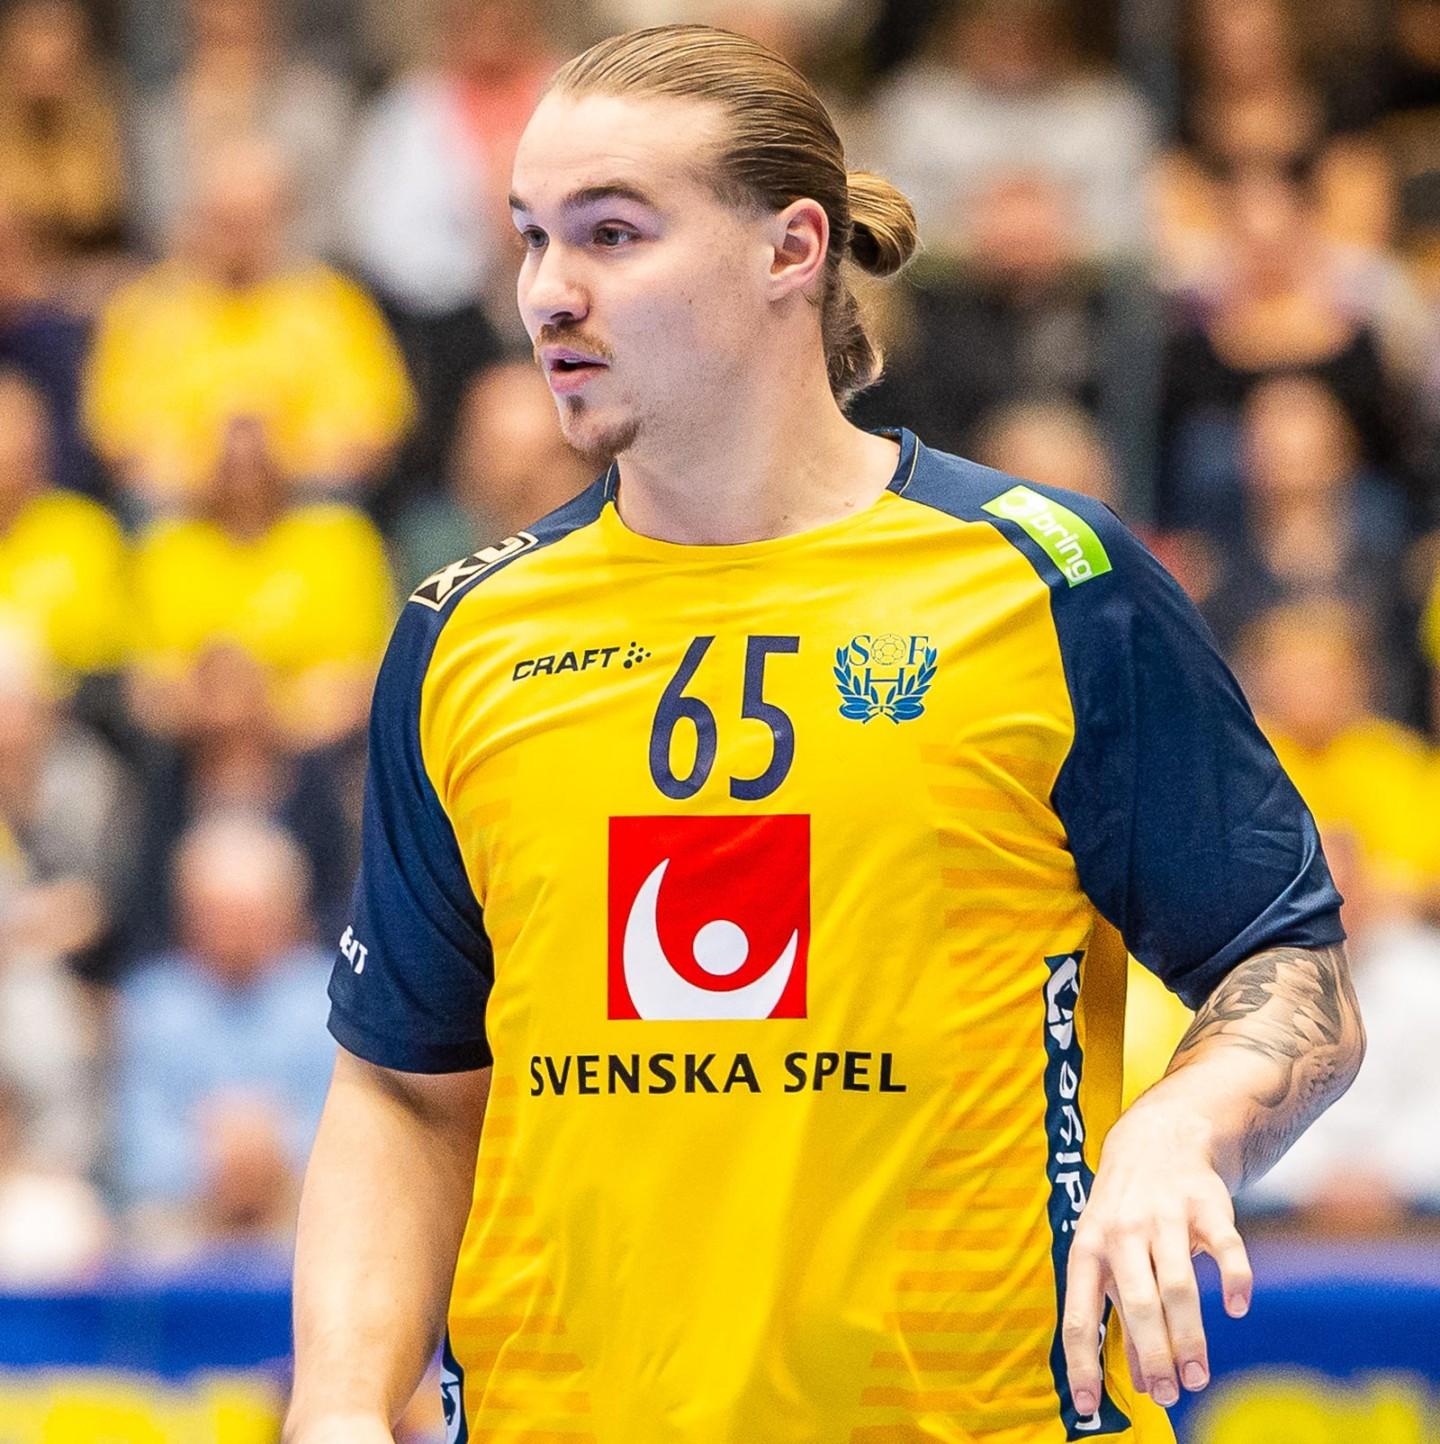 65 Lukas Nilsson